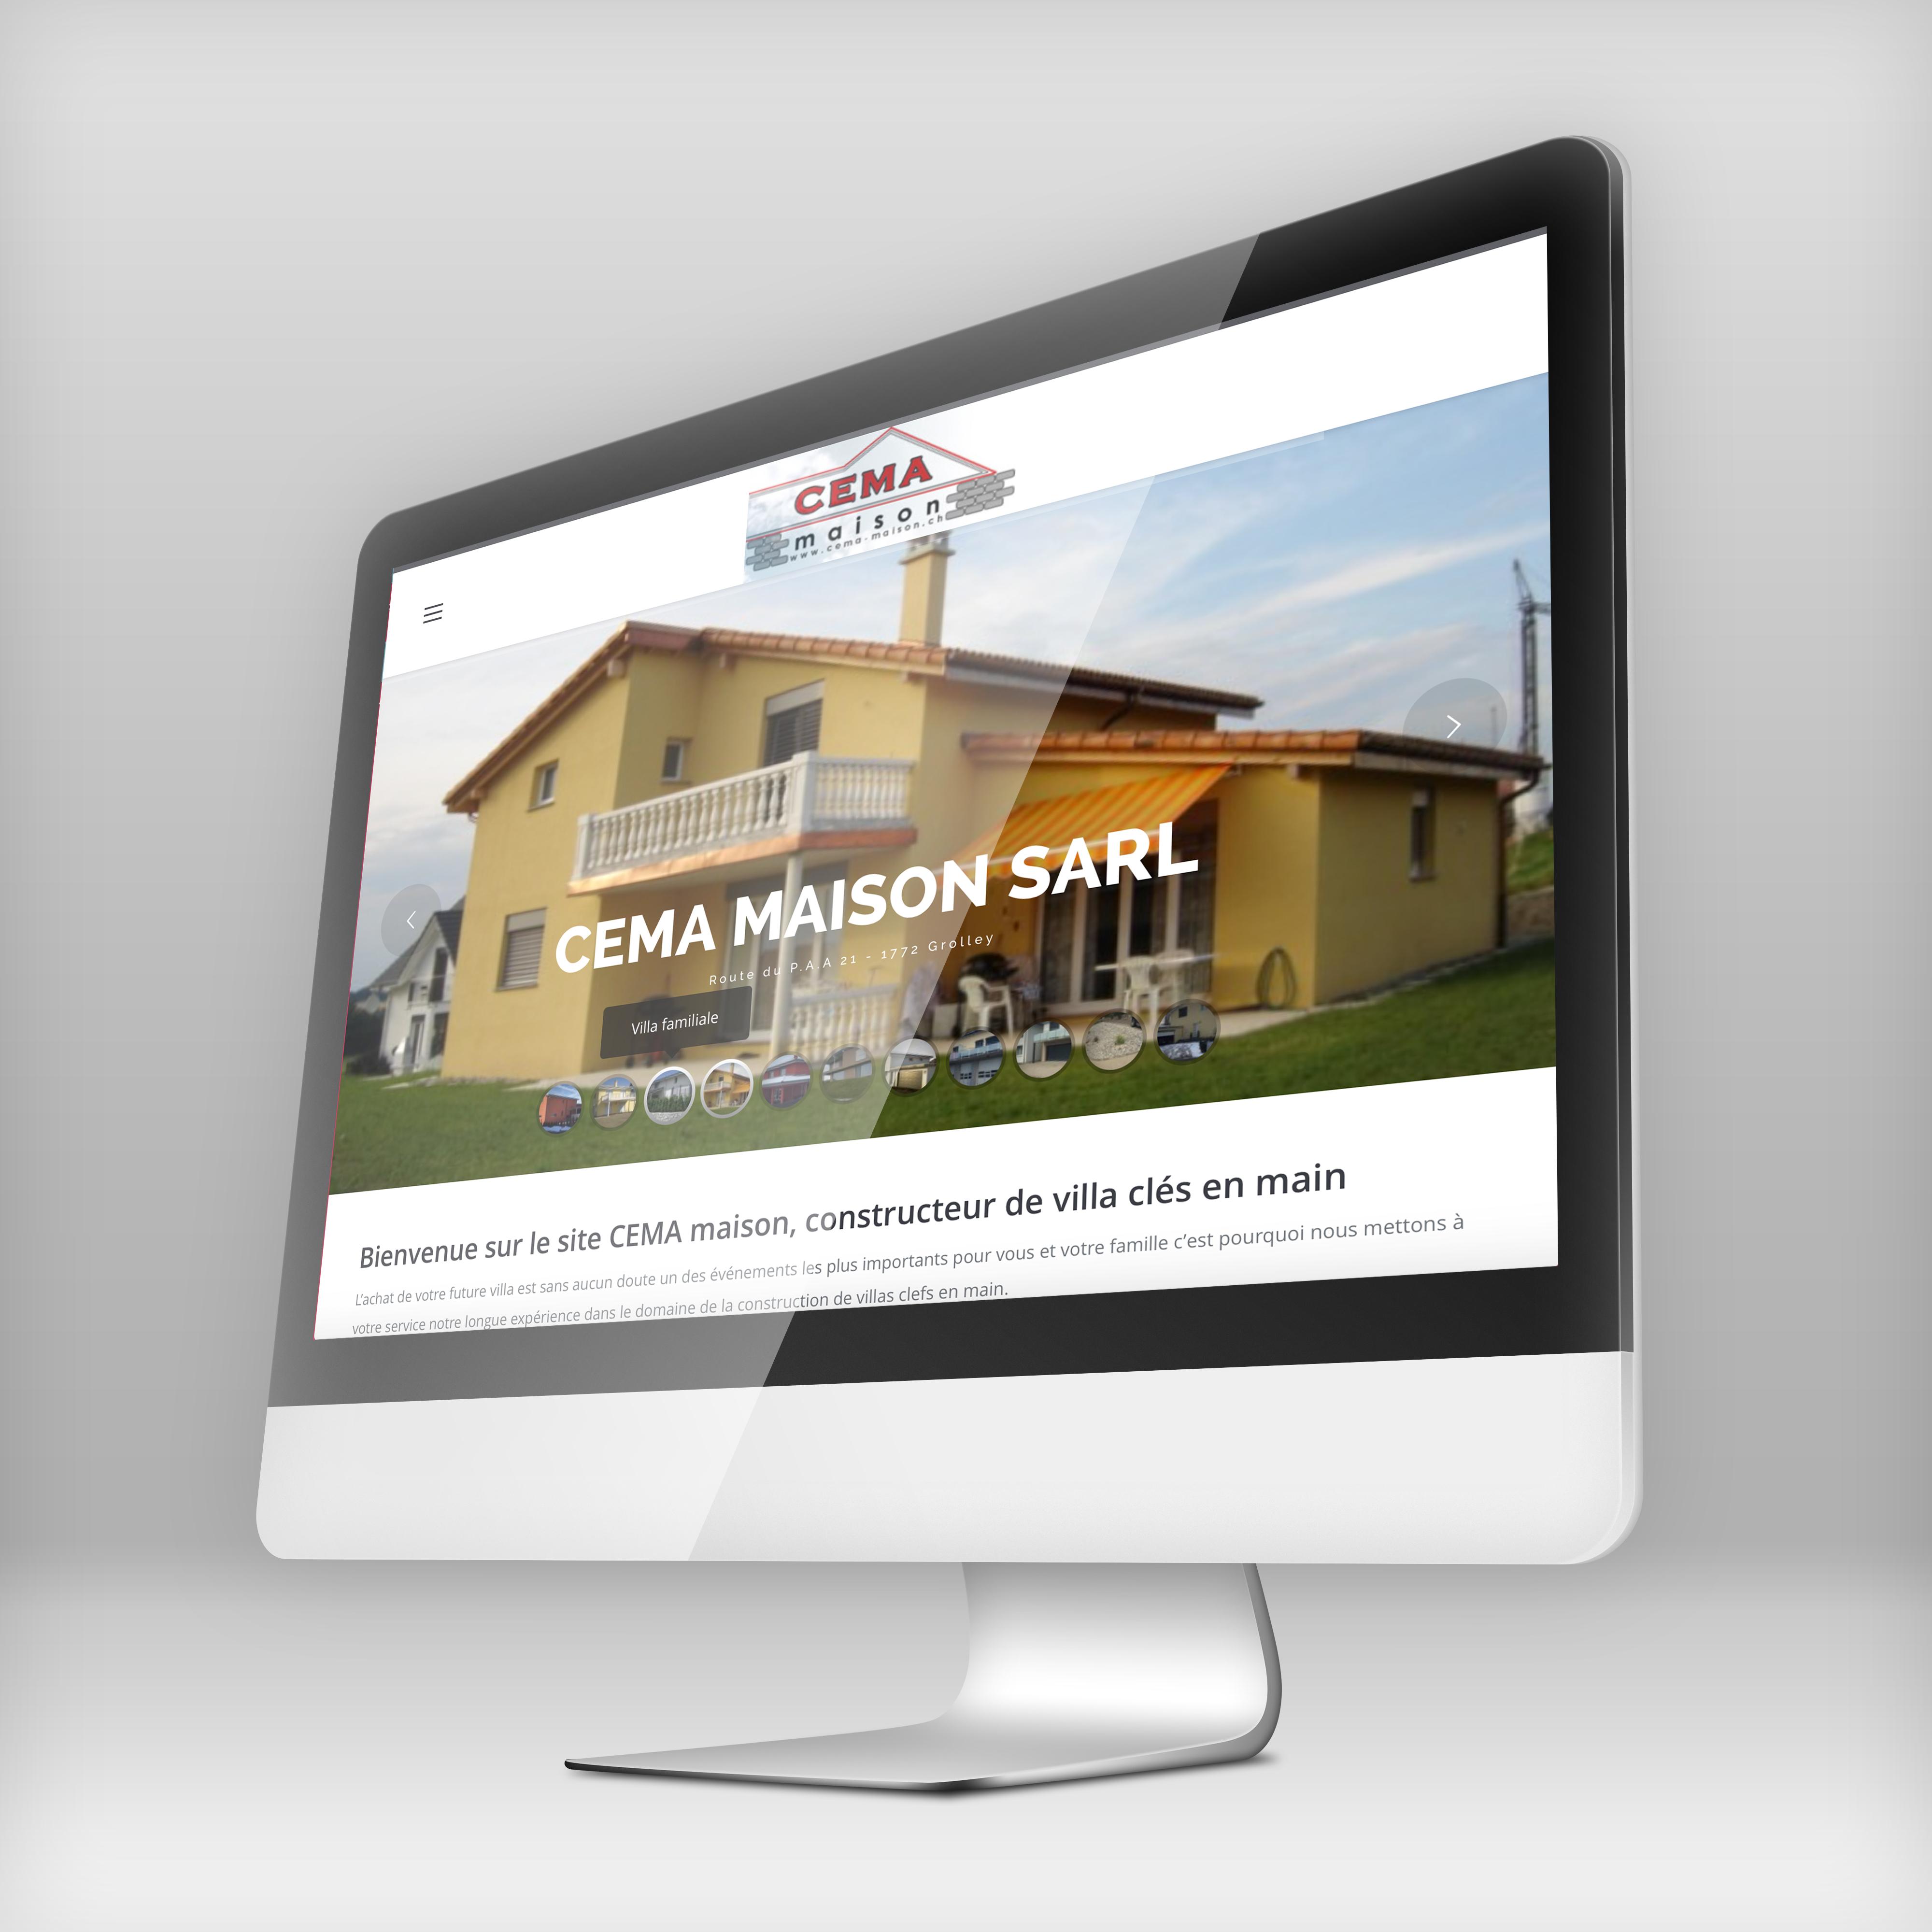 site web cema-maison